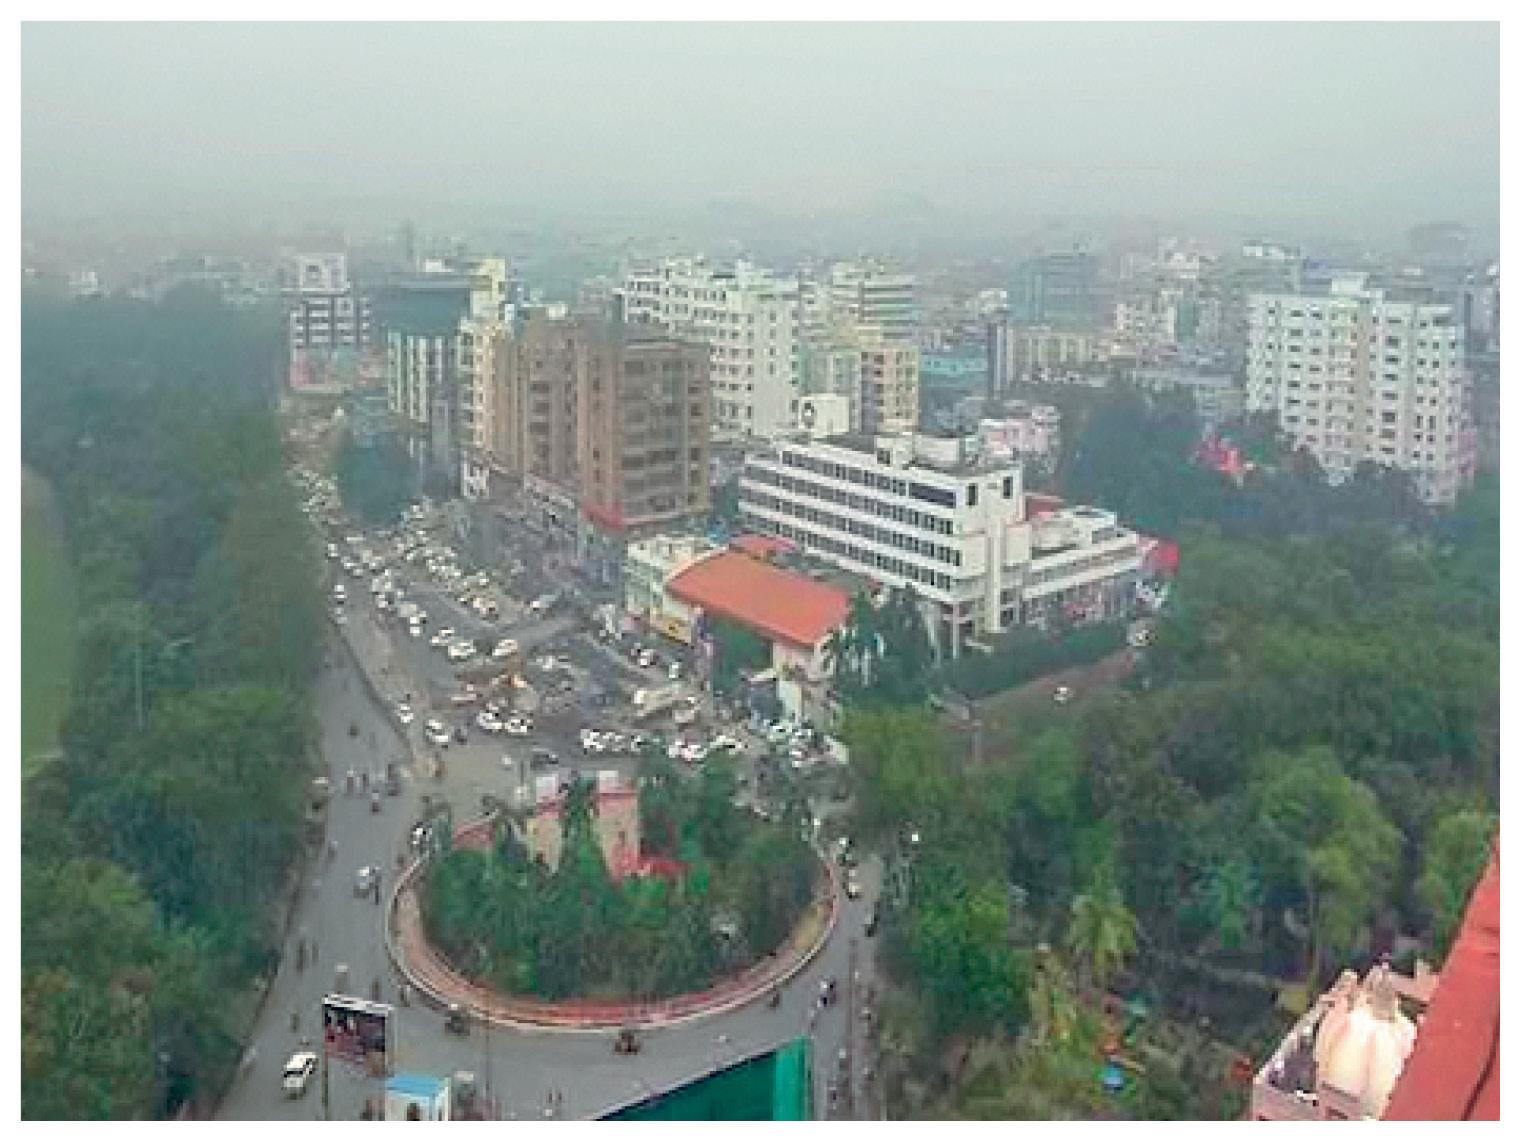 पटना में हर सुबह धुंध छा रही है। यहां पारा सामान्य से नीचे चल रहा है। सर्दी ज्यादा होने के कारण यहां सड़कों पर भीड़ सामान्य दिनों से कम नजर आ रही है।